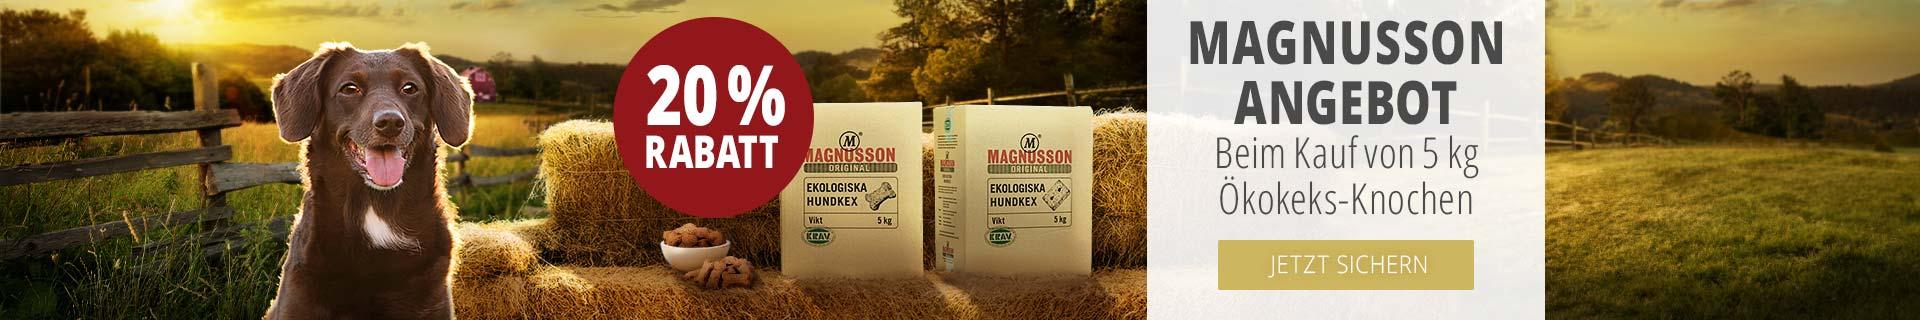 Magnusson Angebot beim Kauf von 5kg Ökokeks-Knochen